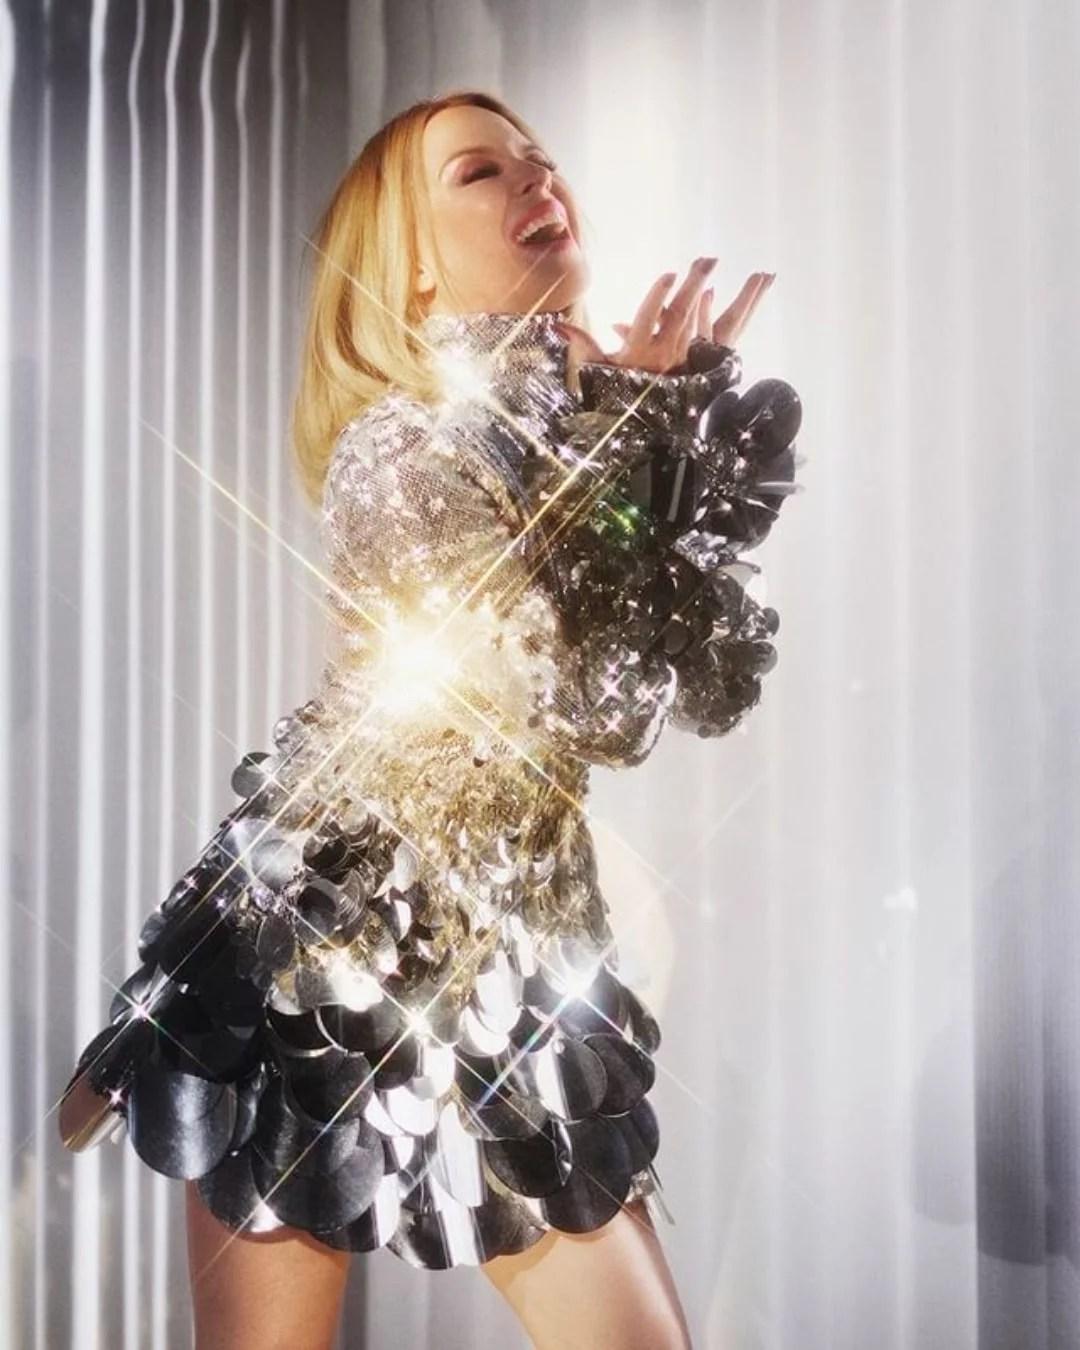 Las 8 mejores canciones de Kylie Minogue